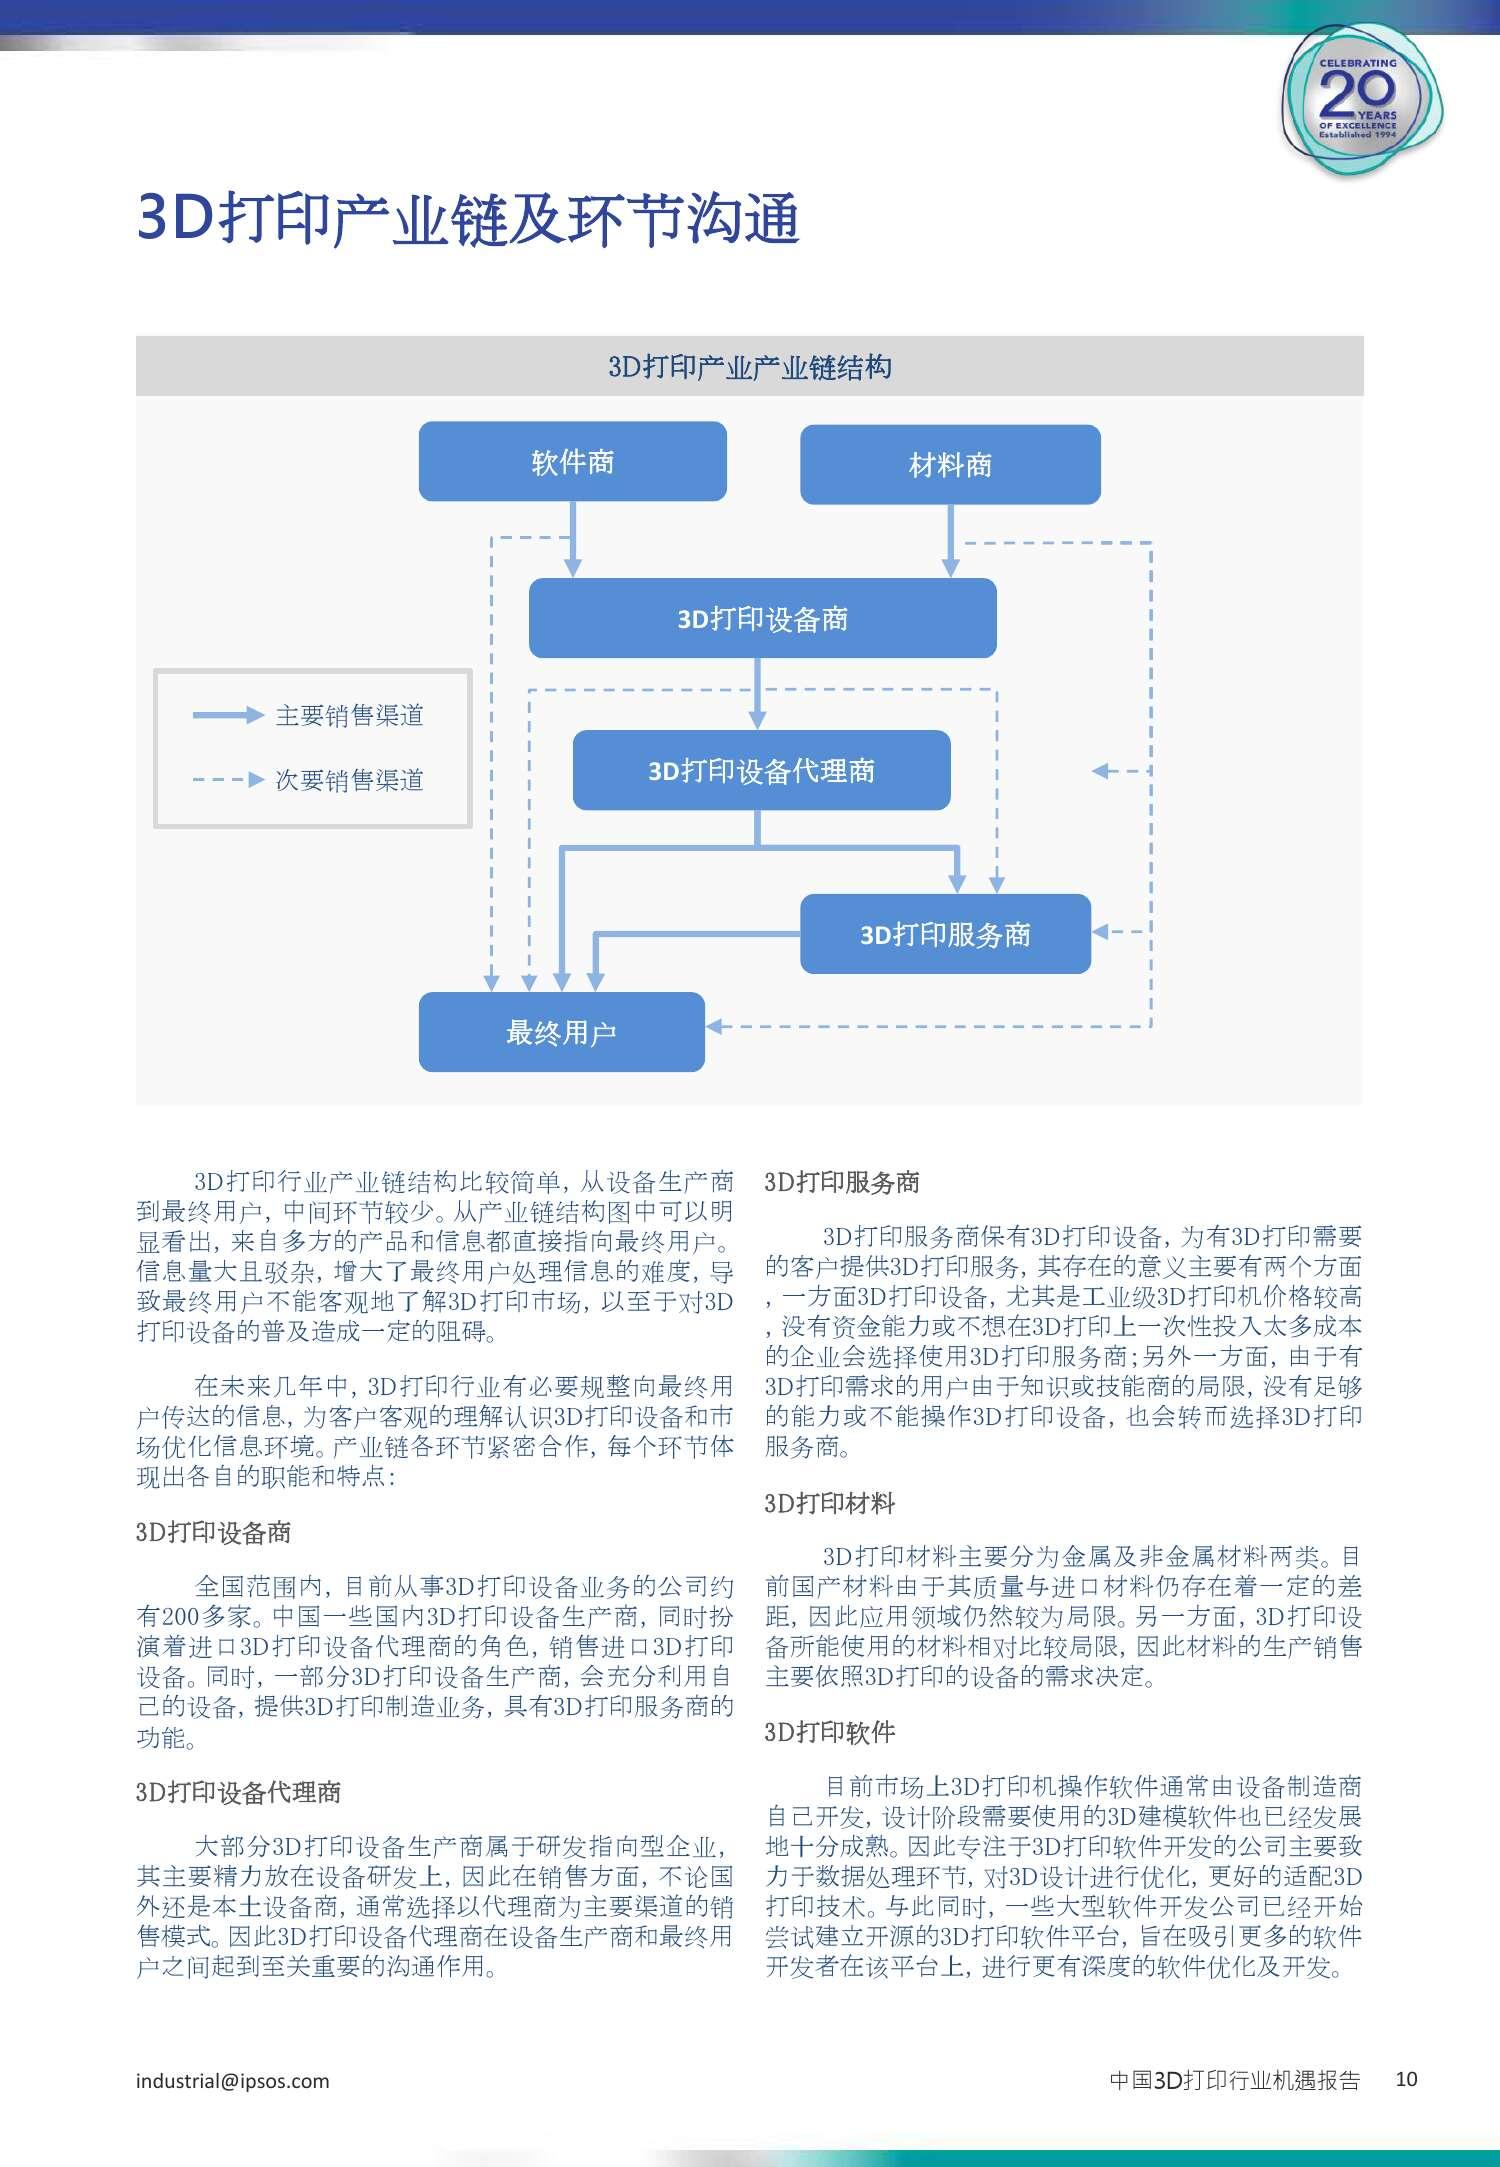 3D打印行业机遇报告_000010